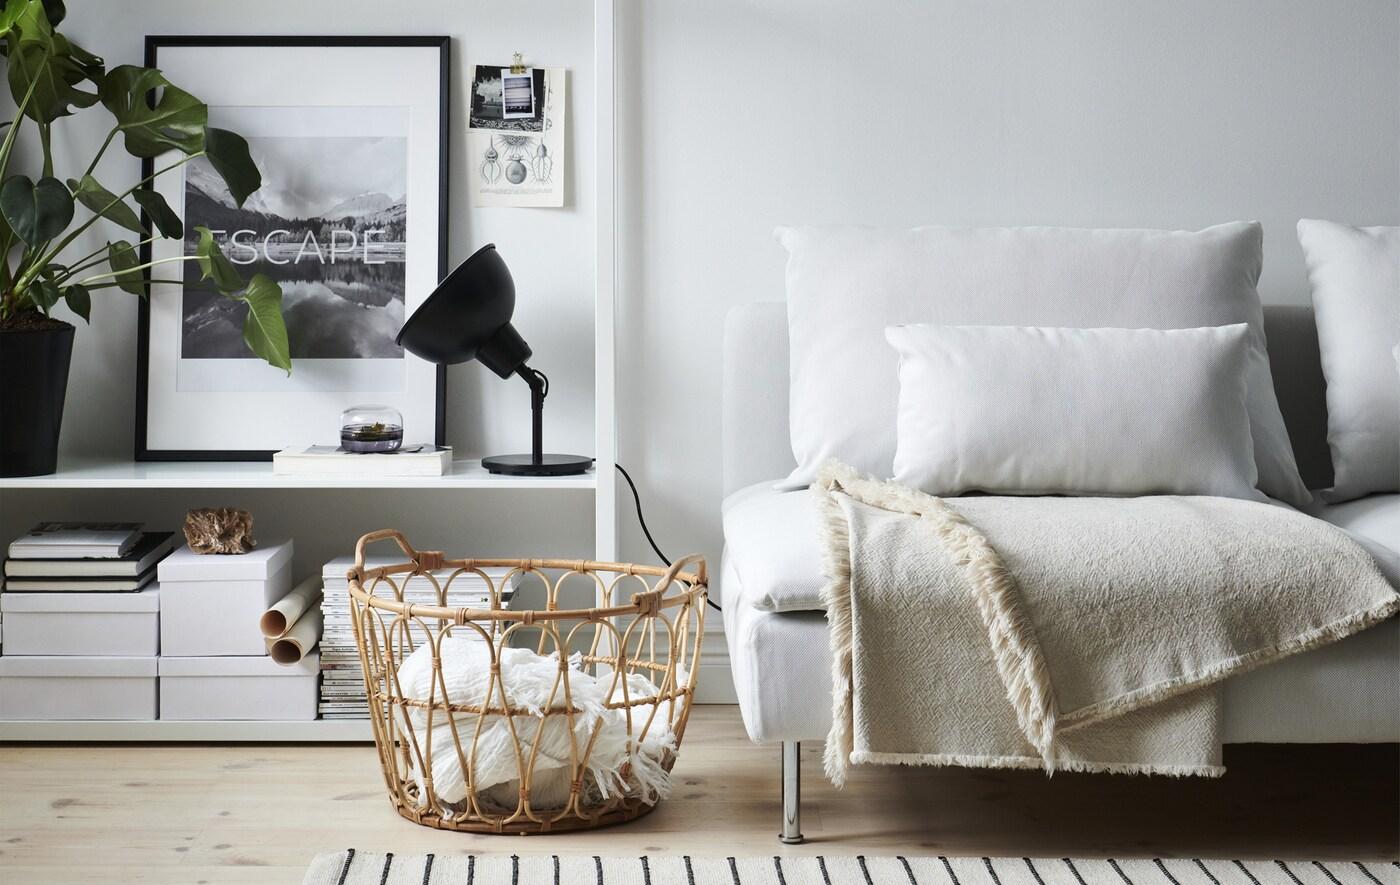 Un séjour avec un canapé blanc, une lampe noire, un rangement ouvert et un panier en osier rempli de plaids